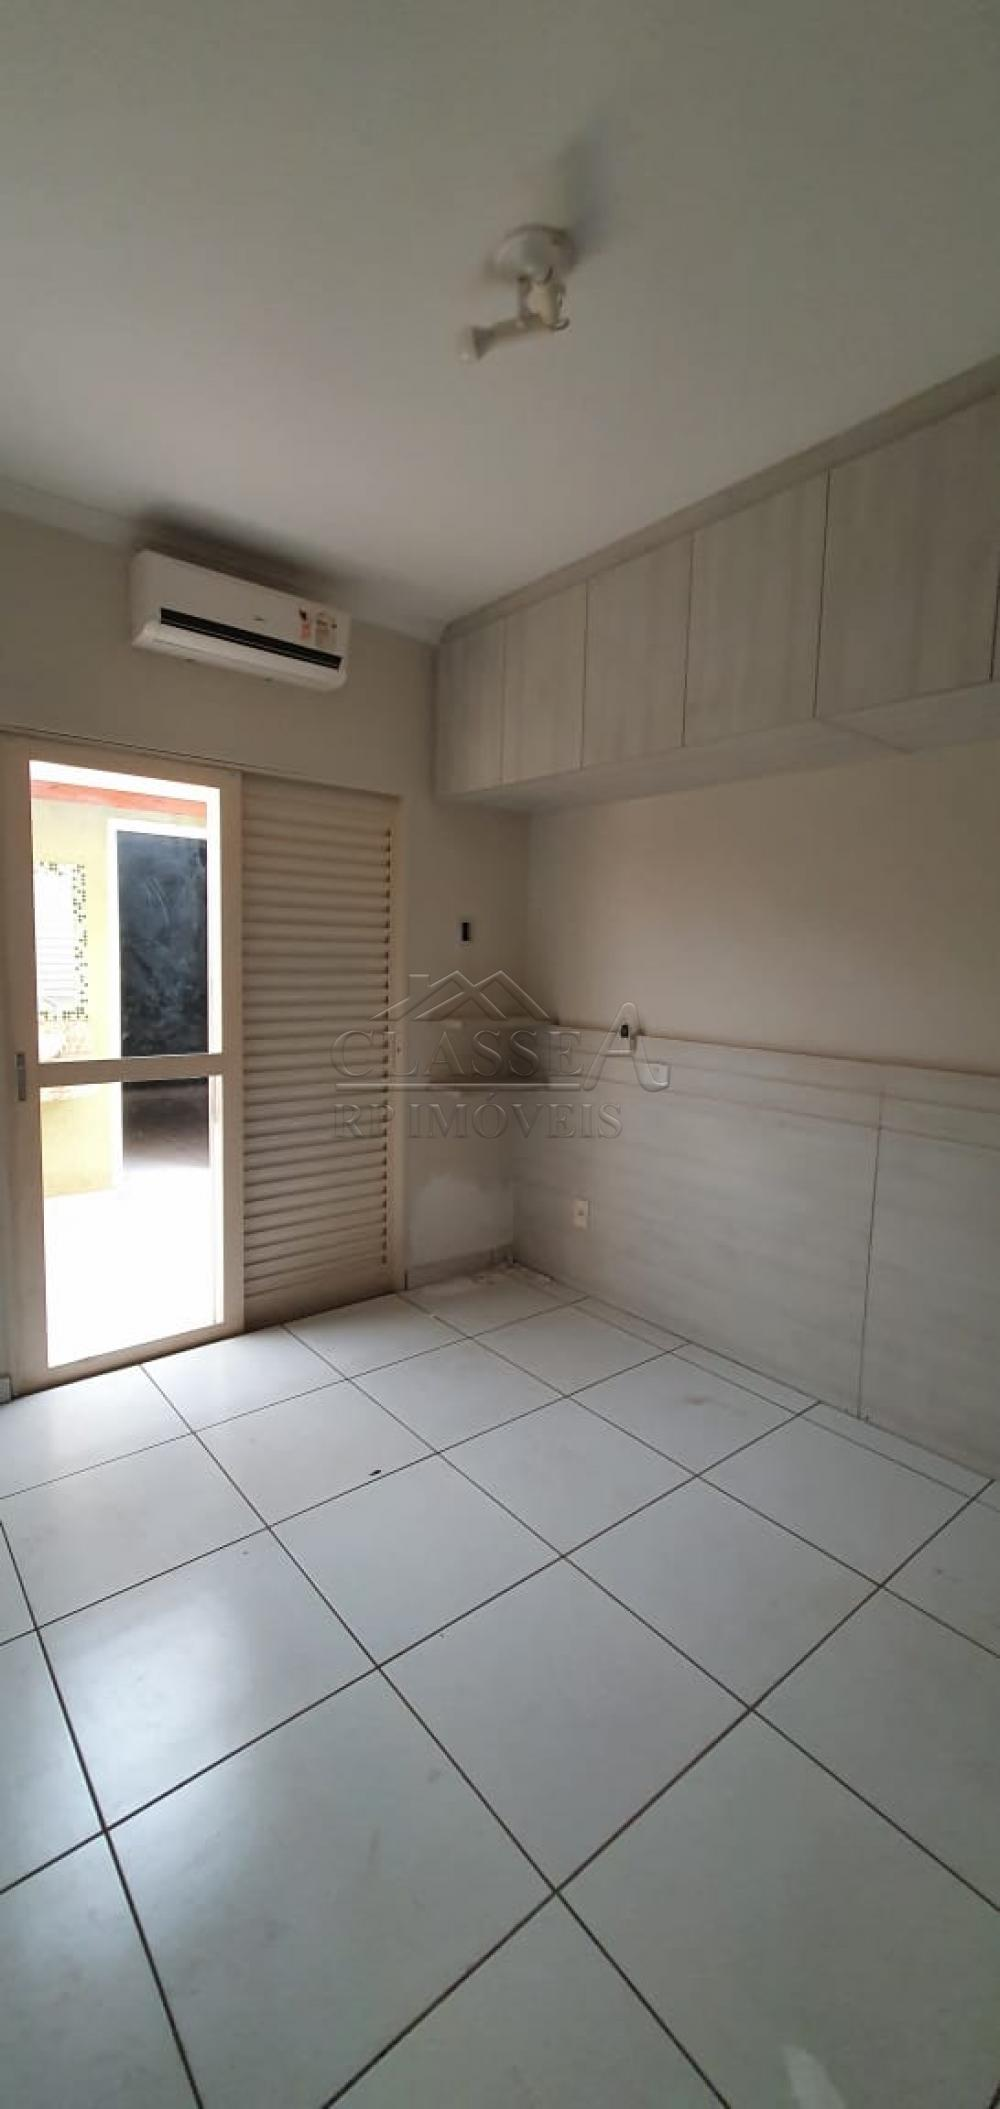 Comprar Casa / Condomínio - térrea em Ribeirão Preto R$ 650.000,00 - Foto 26